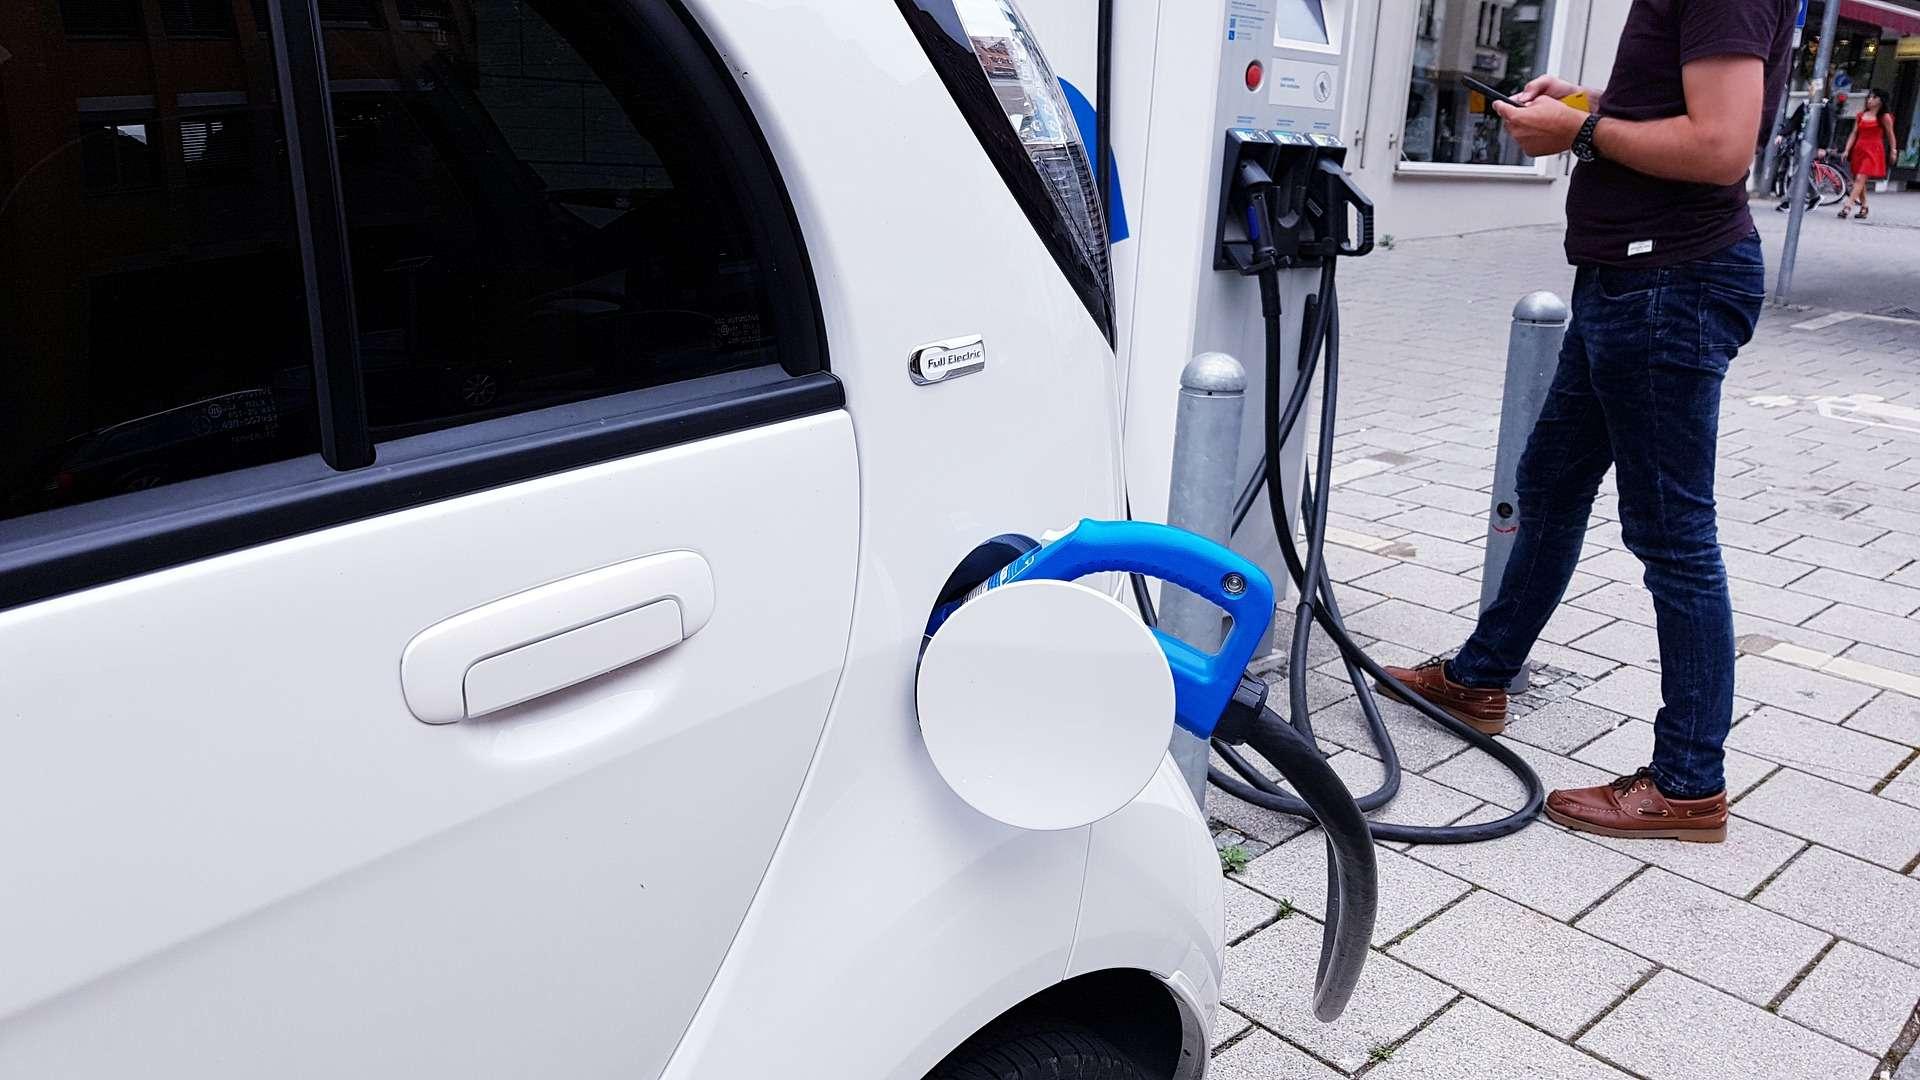 Pour la première fois, les indemnités kilométriques des impôts prennent octroient un avantage à la voiture électrique. © Pixabay